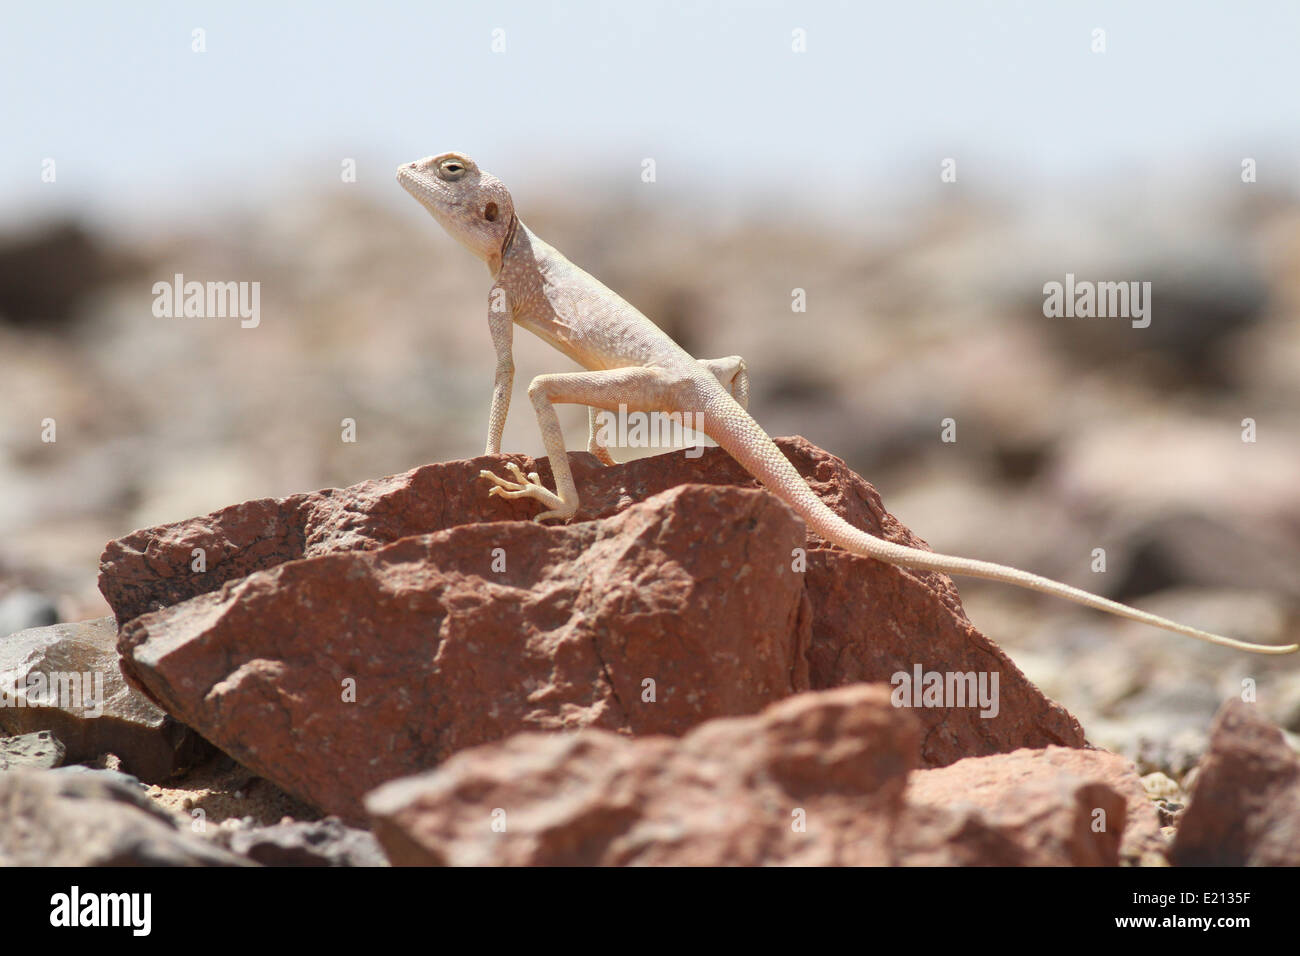 Sinai Agama Basking - Stock Image